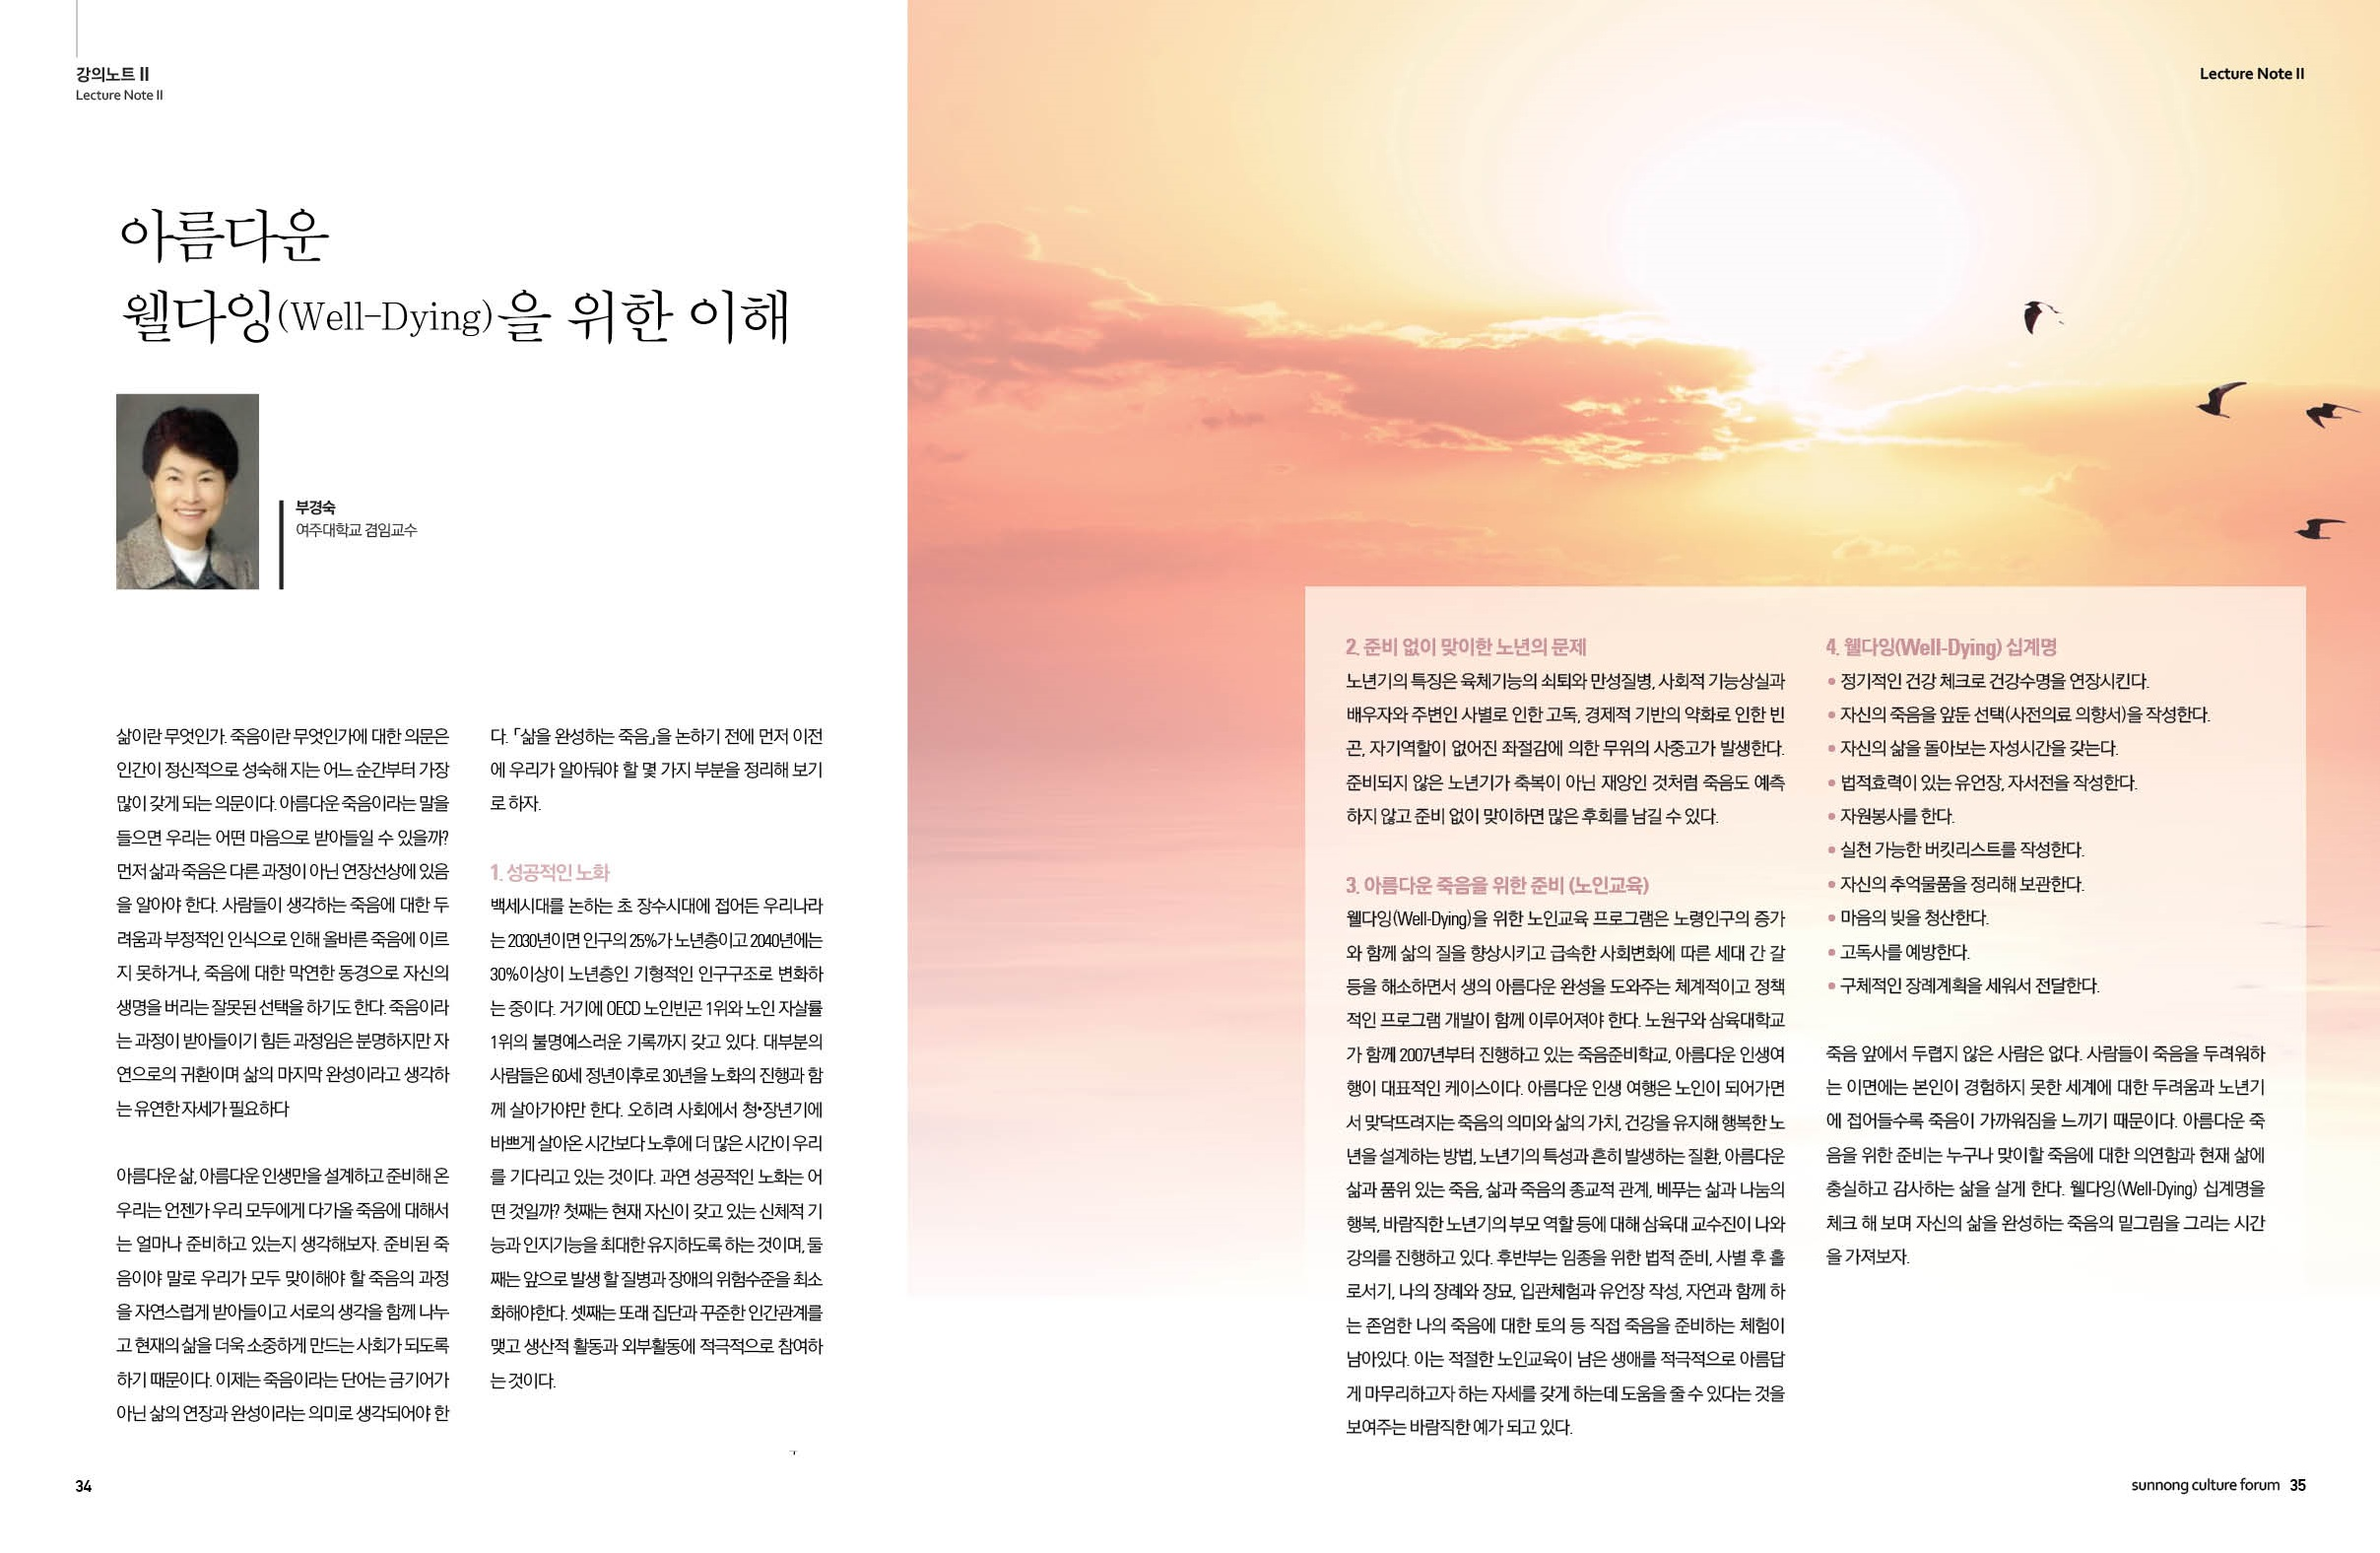 강의노트_부경숙_20170914.jpg